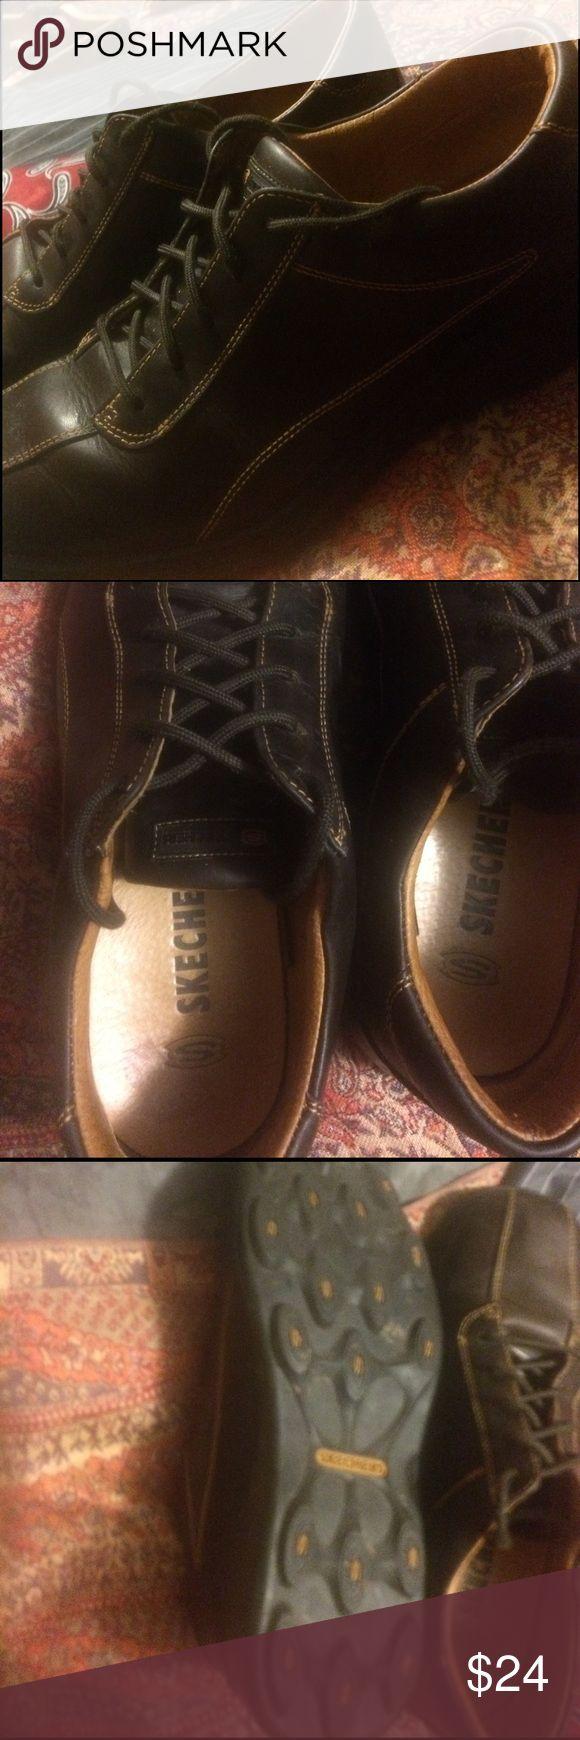 b90f8ab2f0e zapatos skechers classica mujer olive baratas   OFF32% Los ...